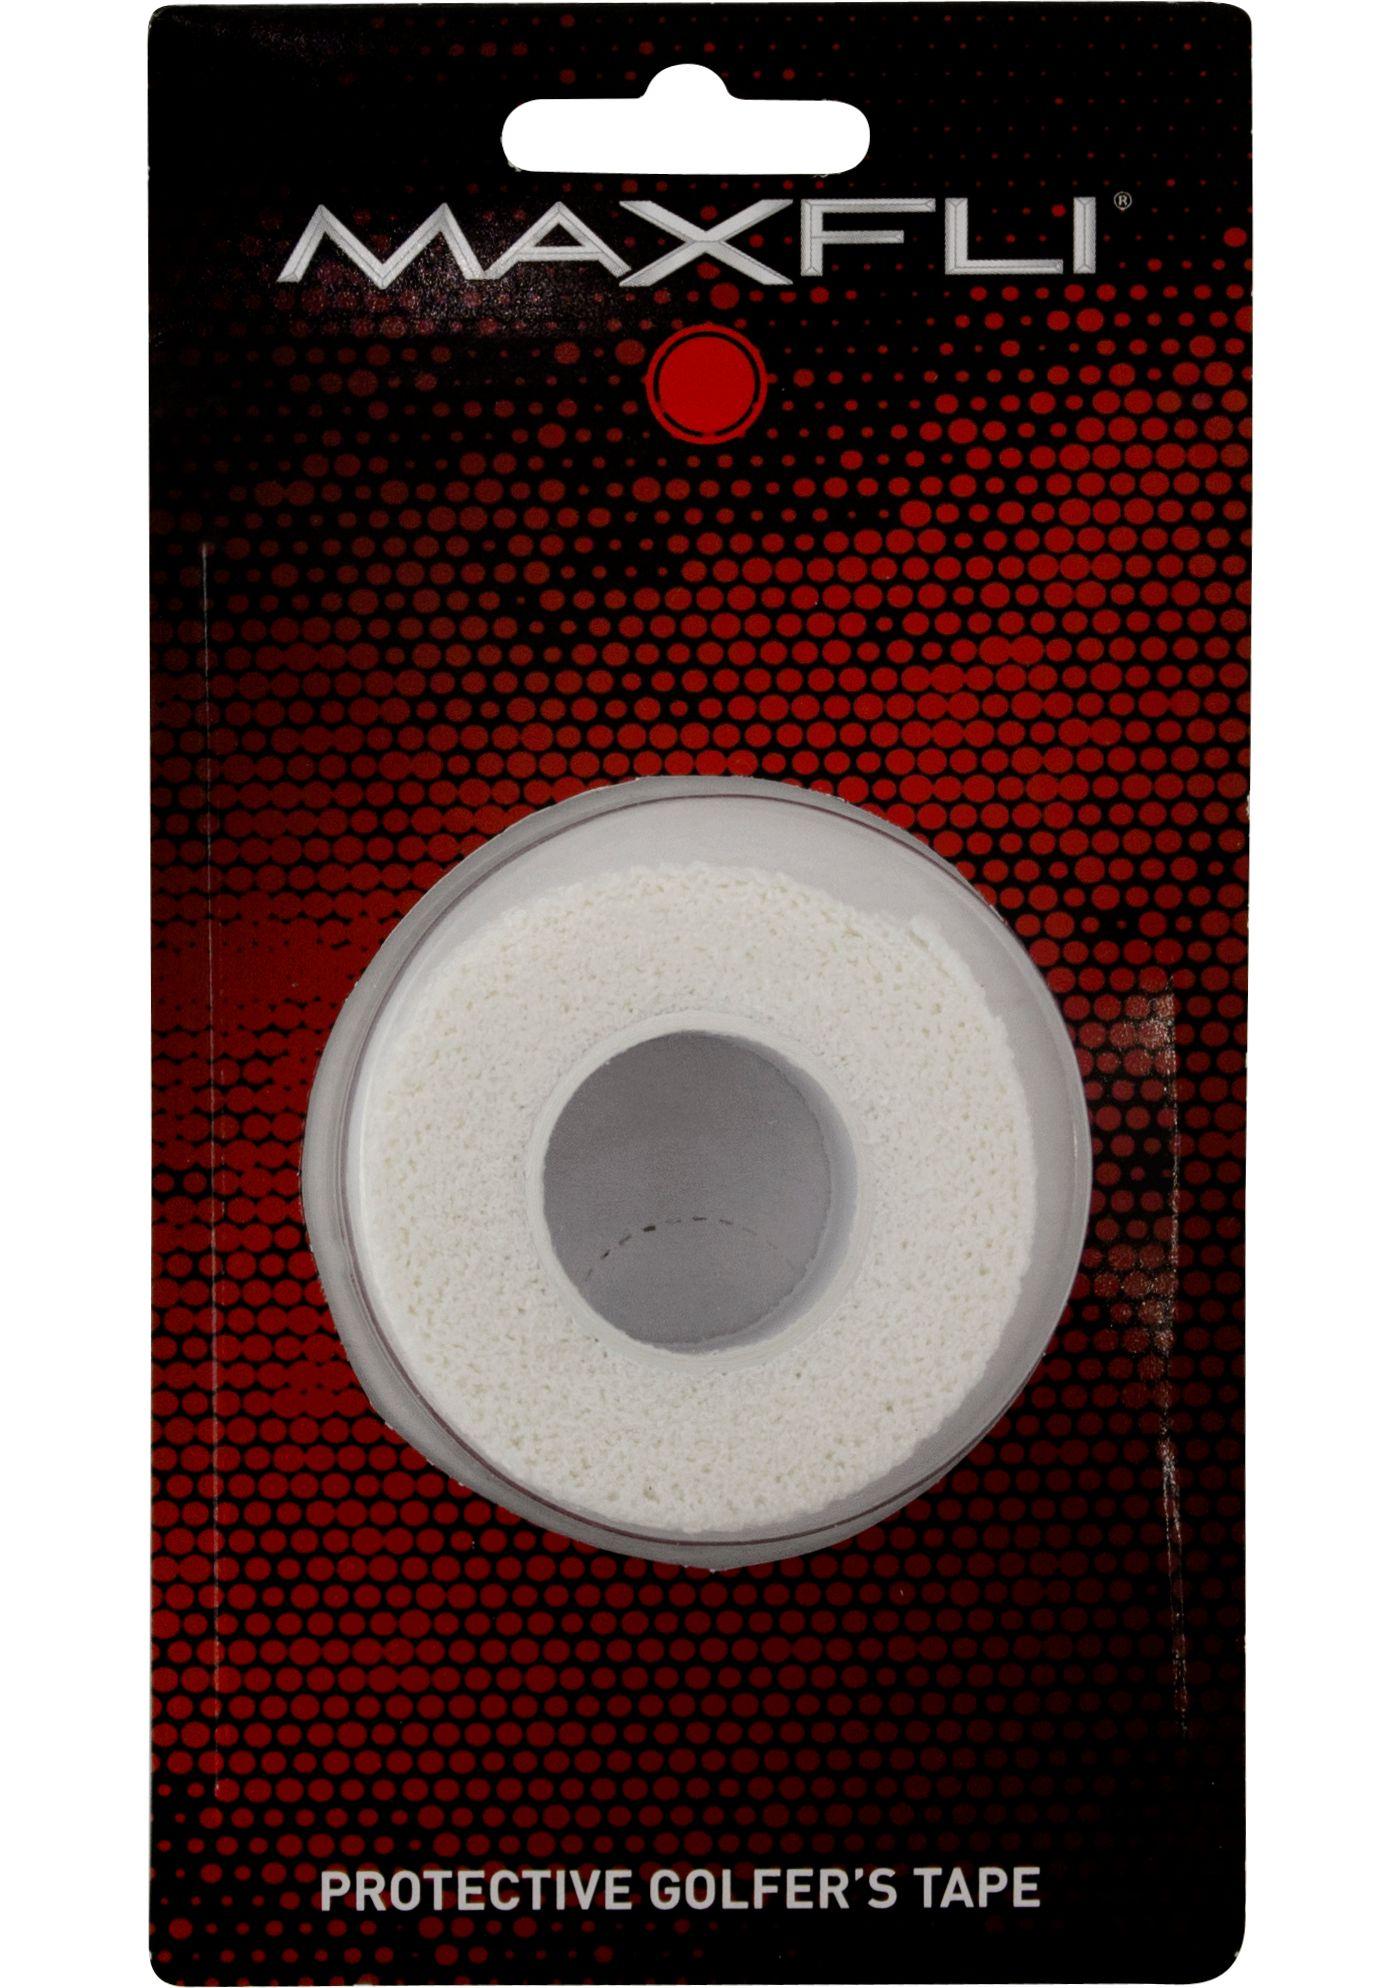 Maxfli Golfer's Tape